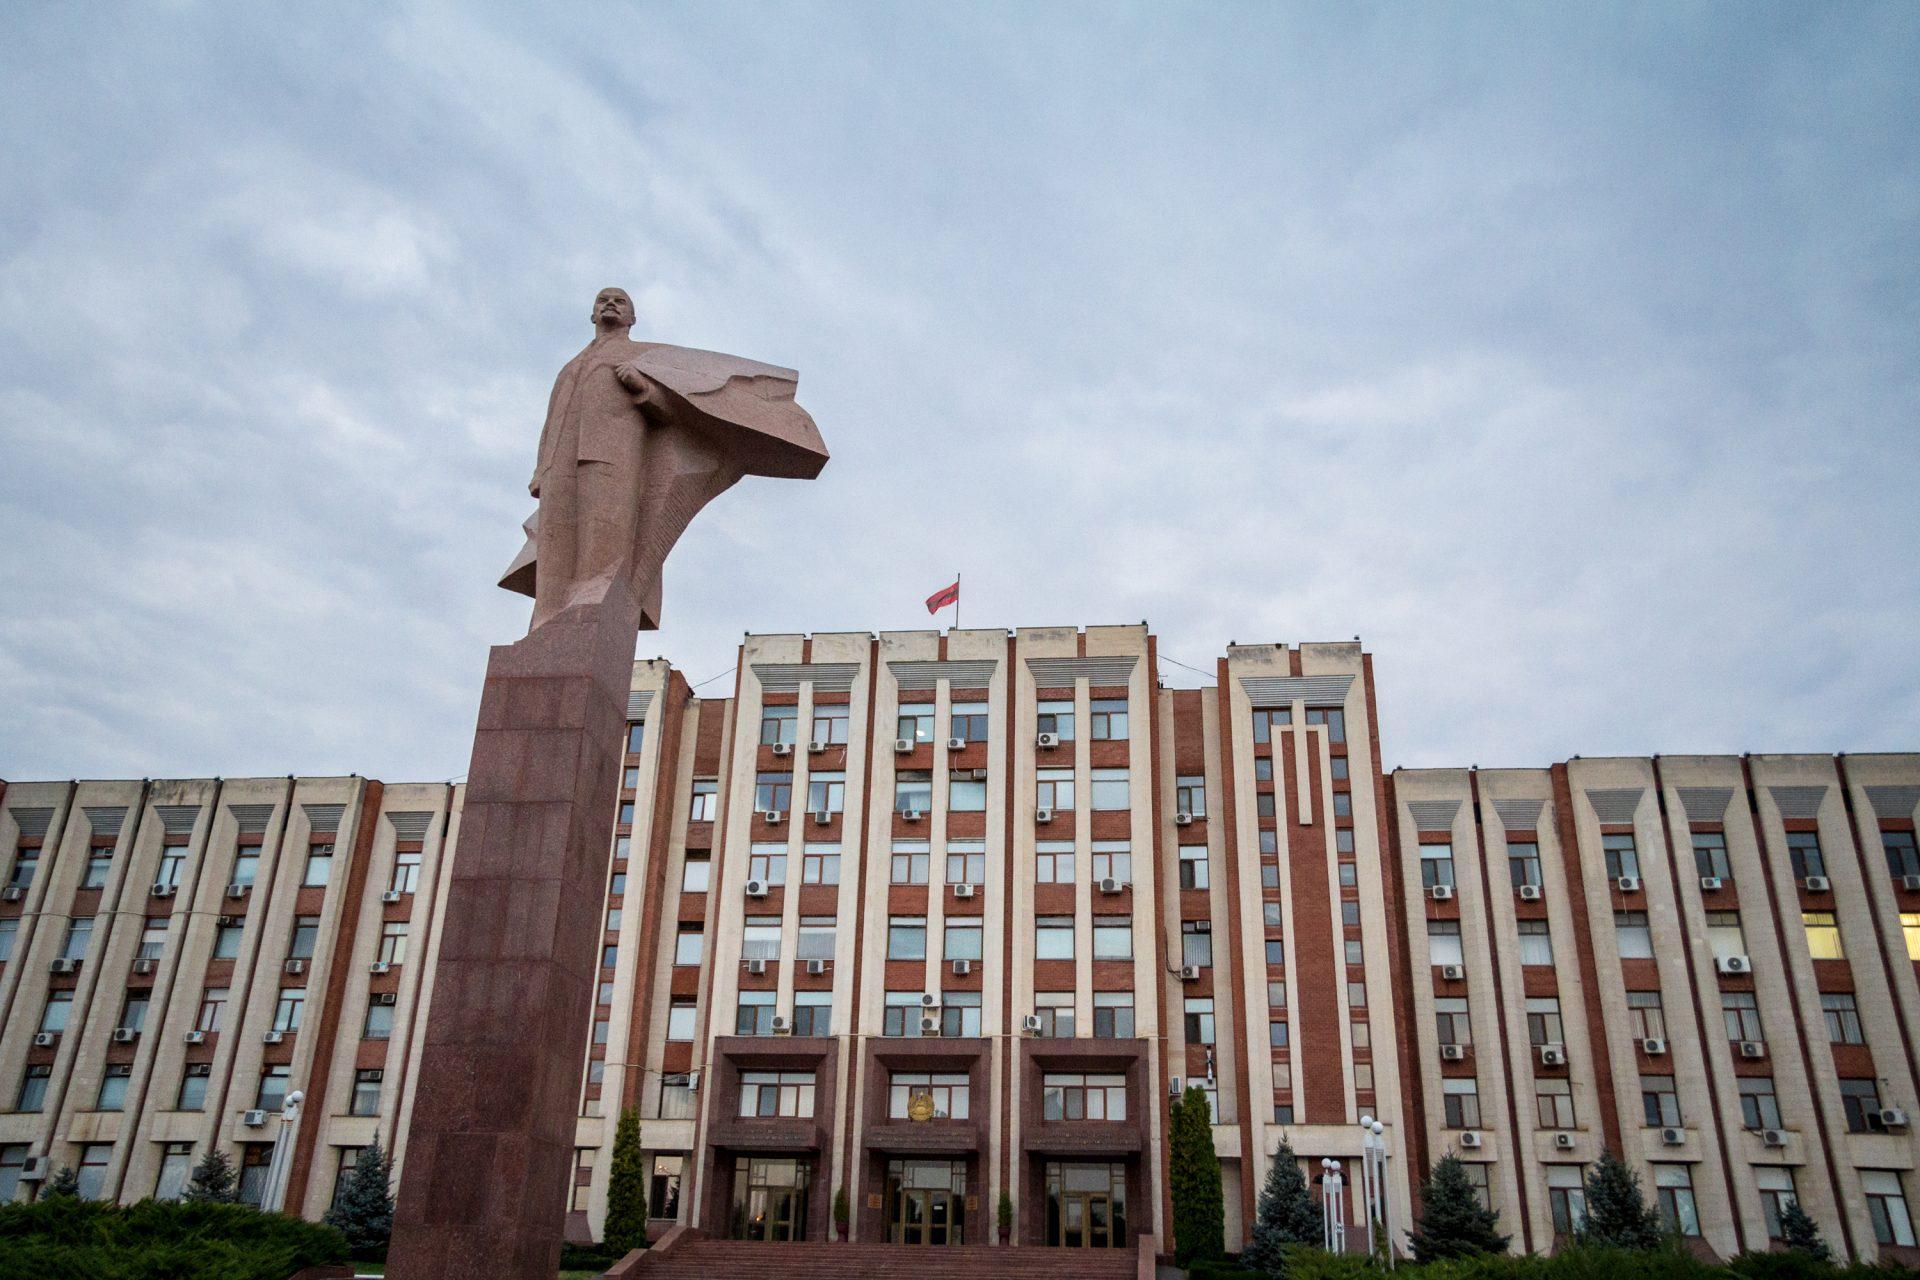 Cinci falsuri promovate de către autoritățile separatiste de la Tiraspol